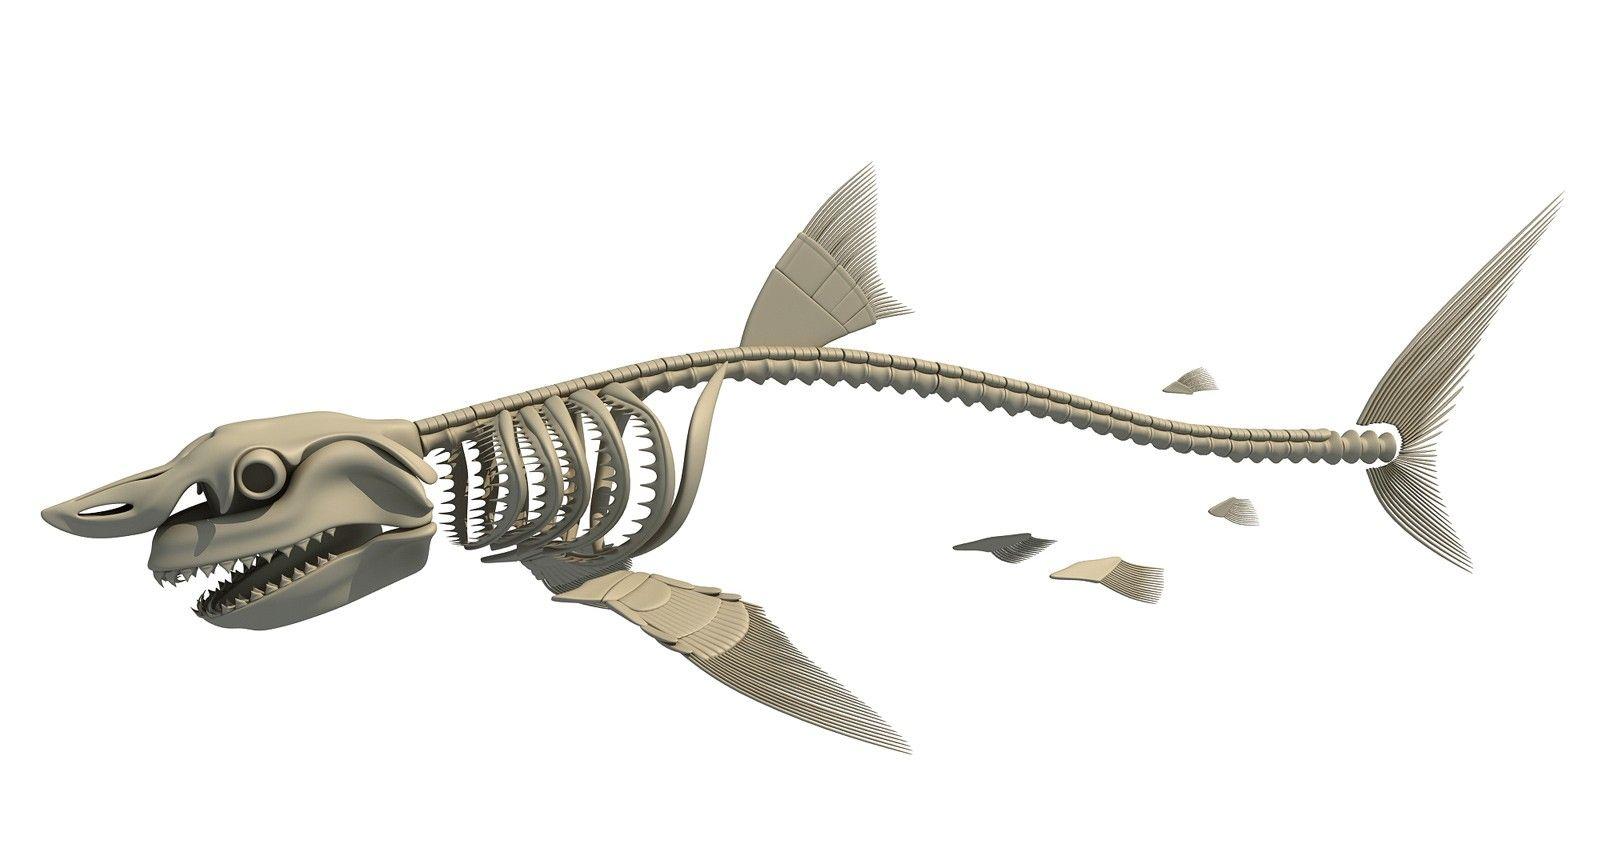 white-shark-skeleton-_1_.jpg (1600×864) | Animal Anatomy | Pinterest ...